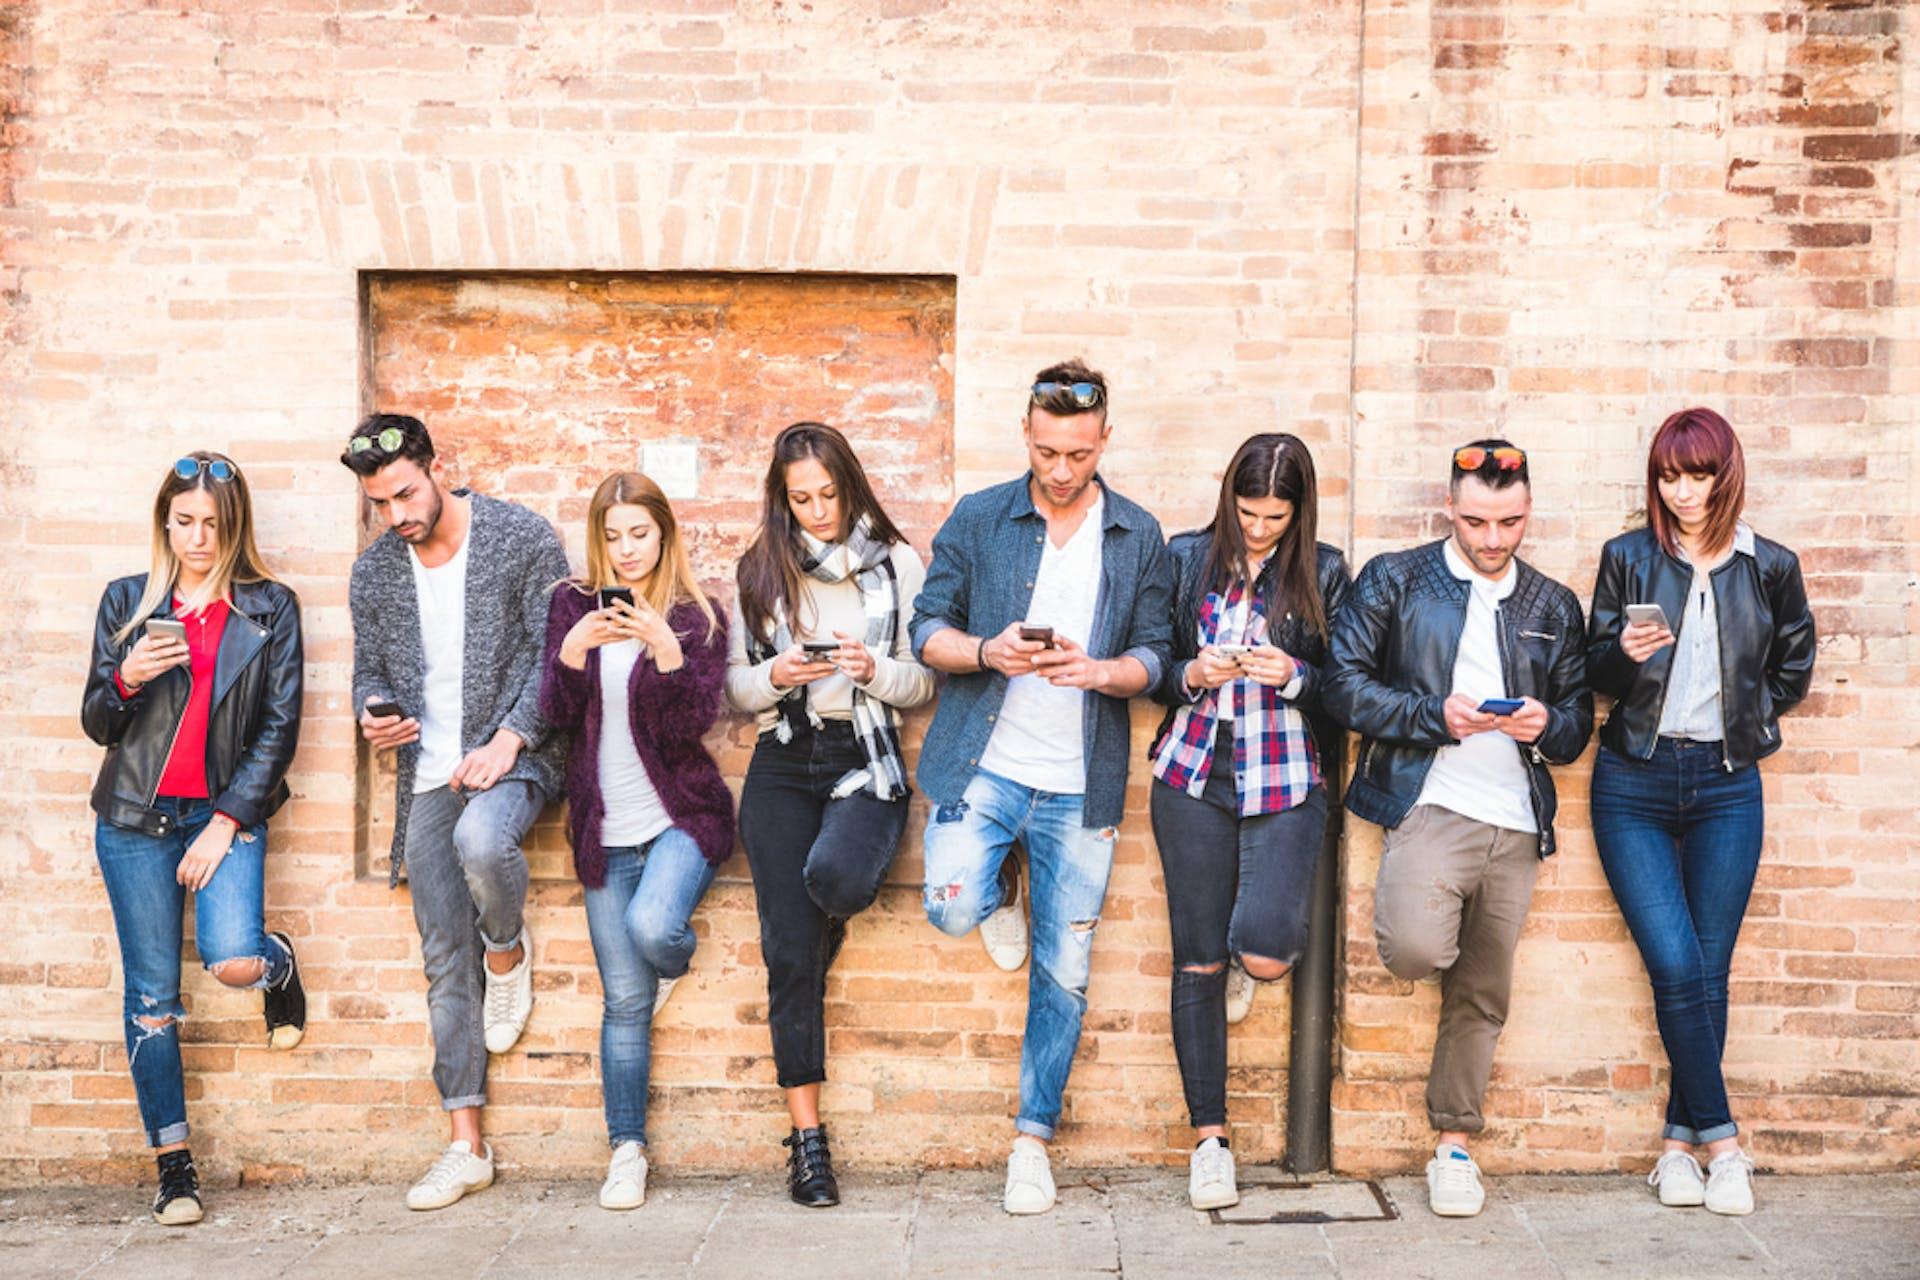 Millennials and Gen-Z on smart phone